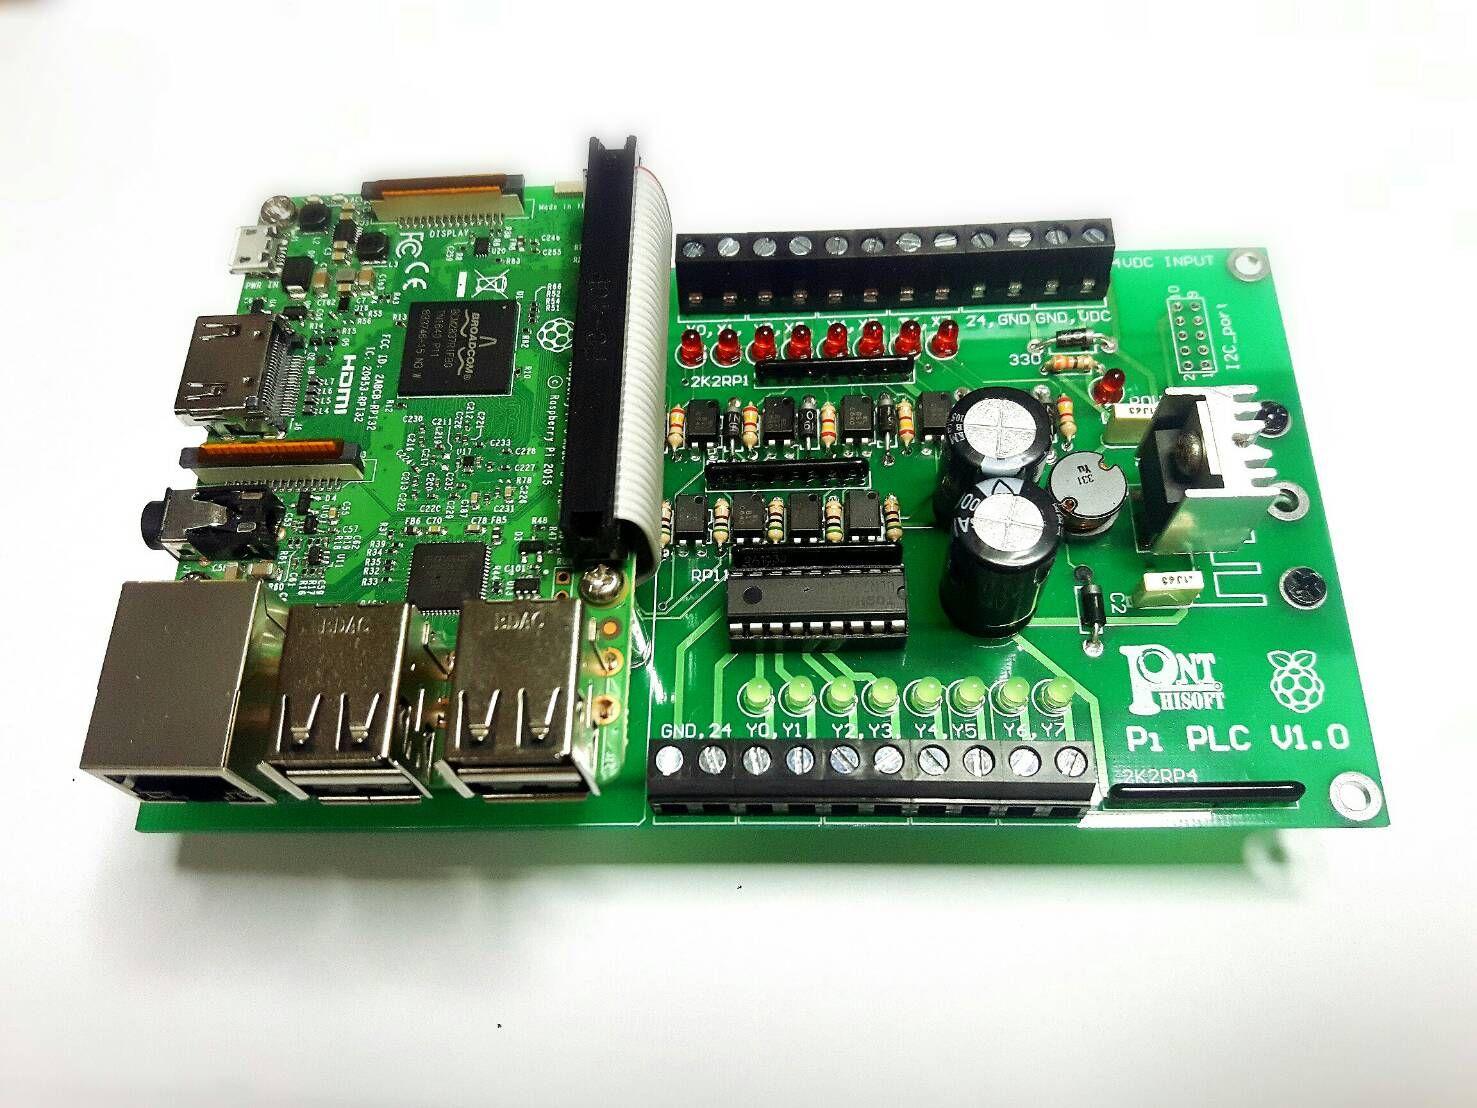 Raspberry Pi LCD Qt 2 hobby in 2018 t Raspberry